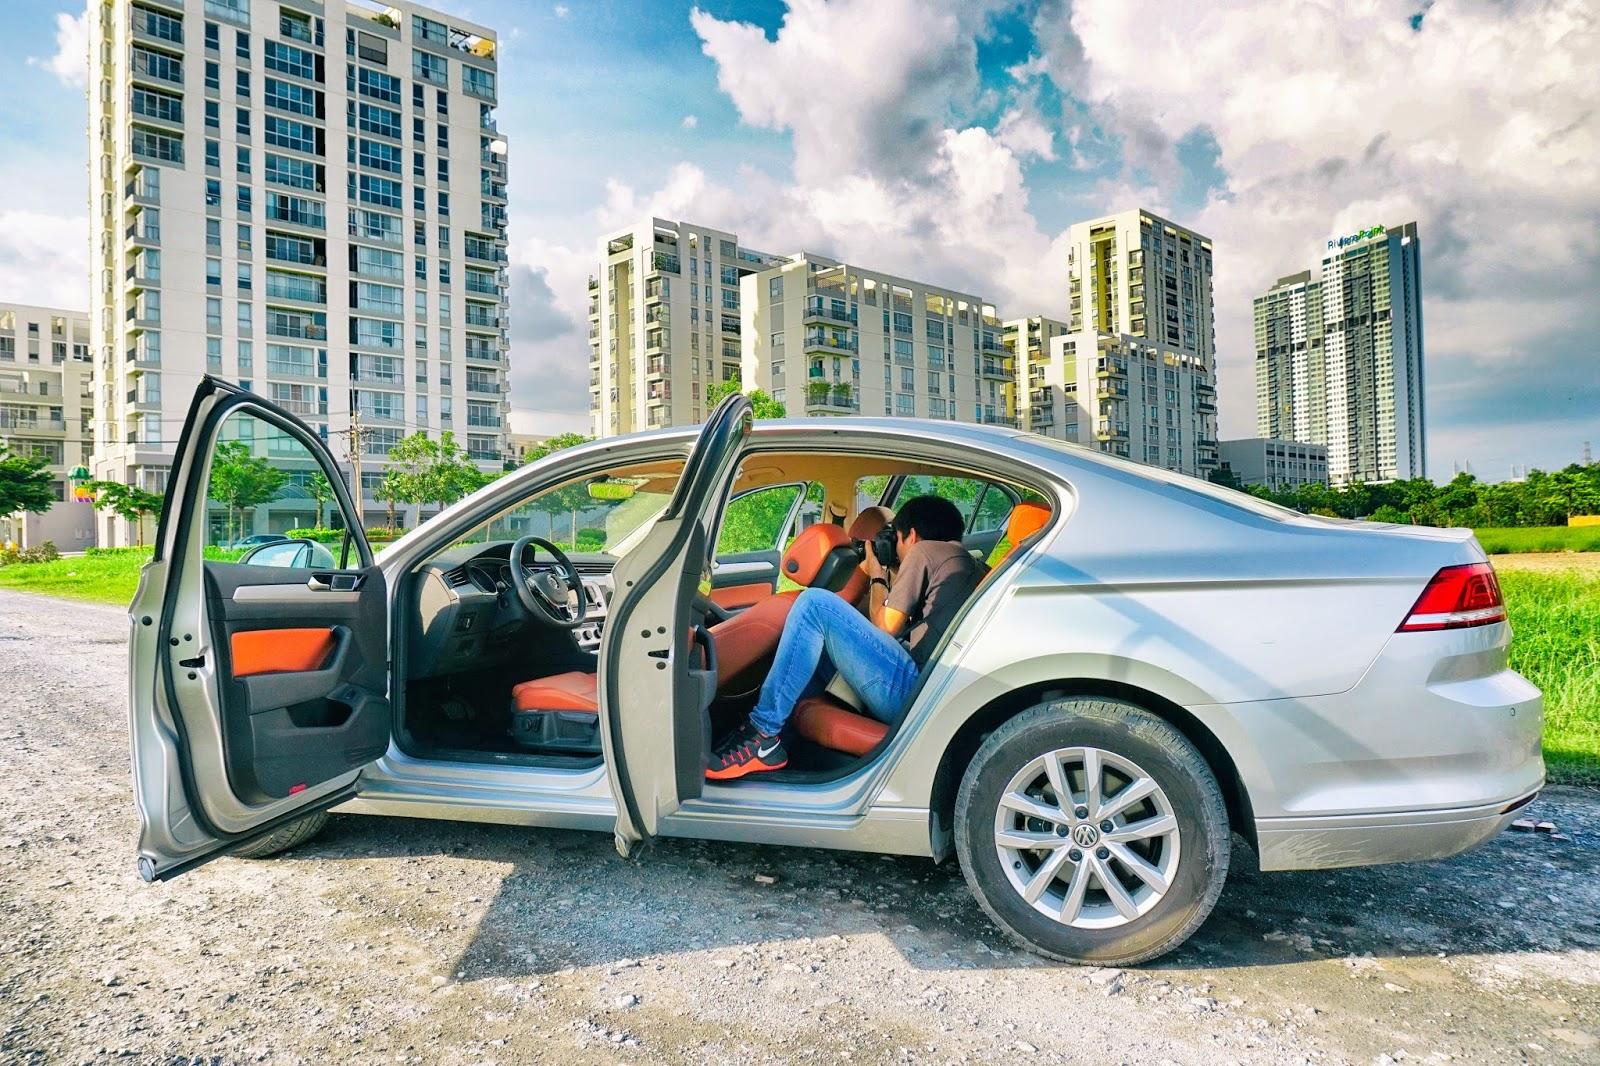 Passat 2016 là một chiếc xe cực rộng trong cabin và cả khoang hành lý